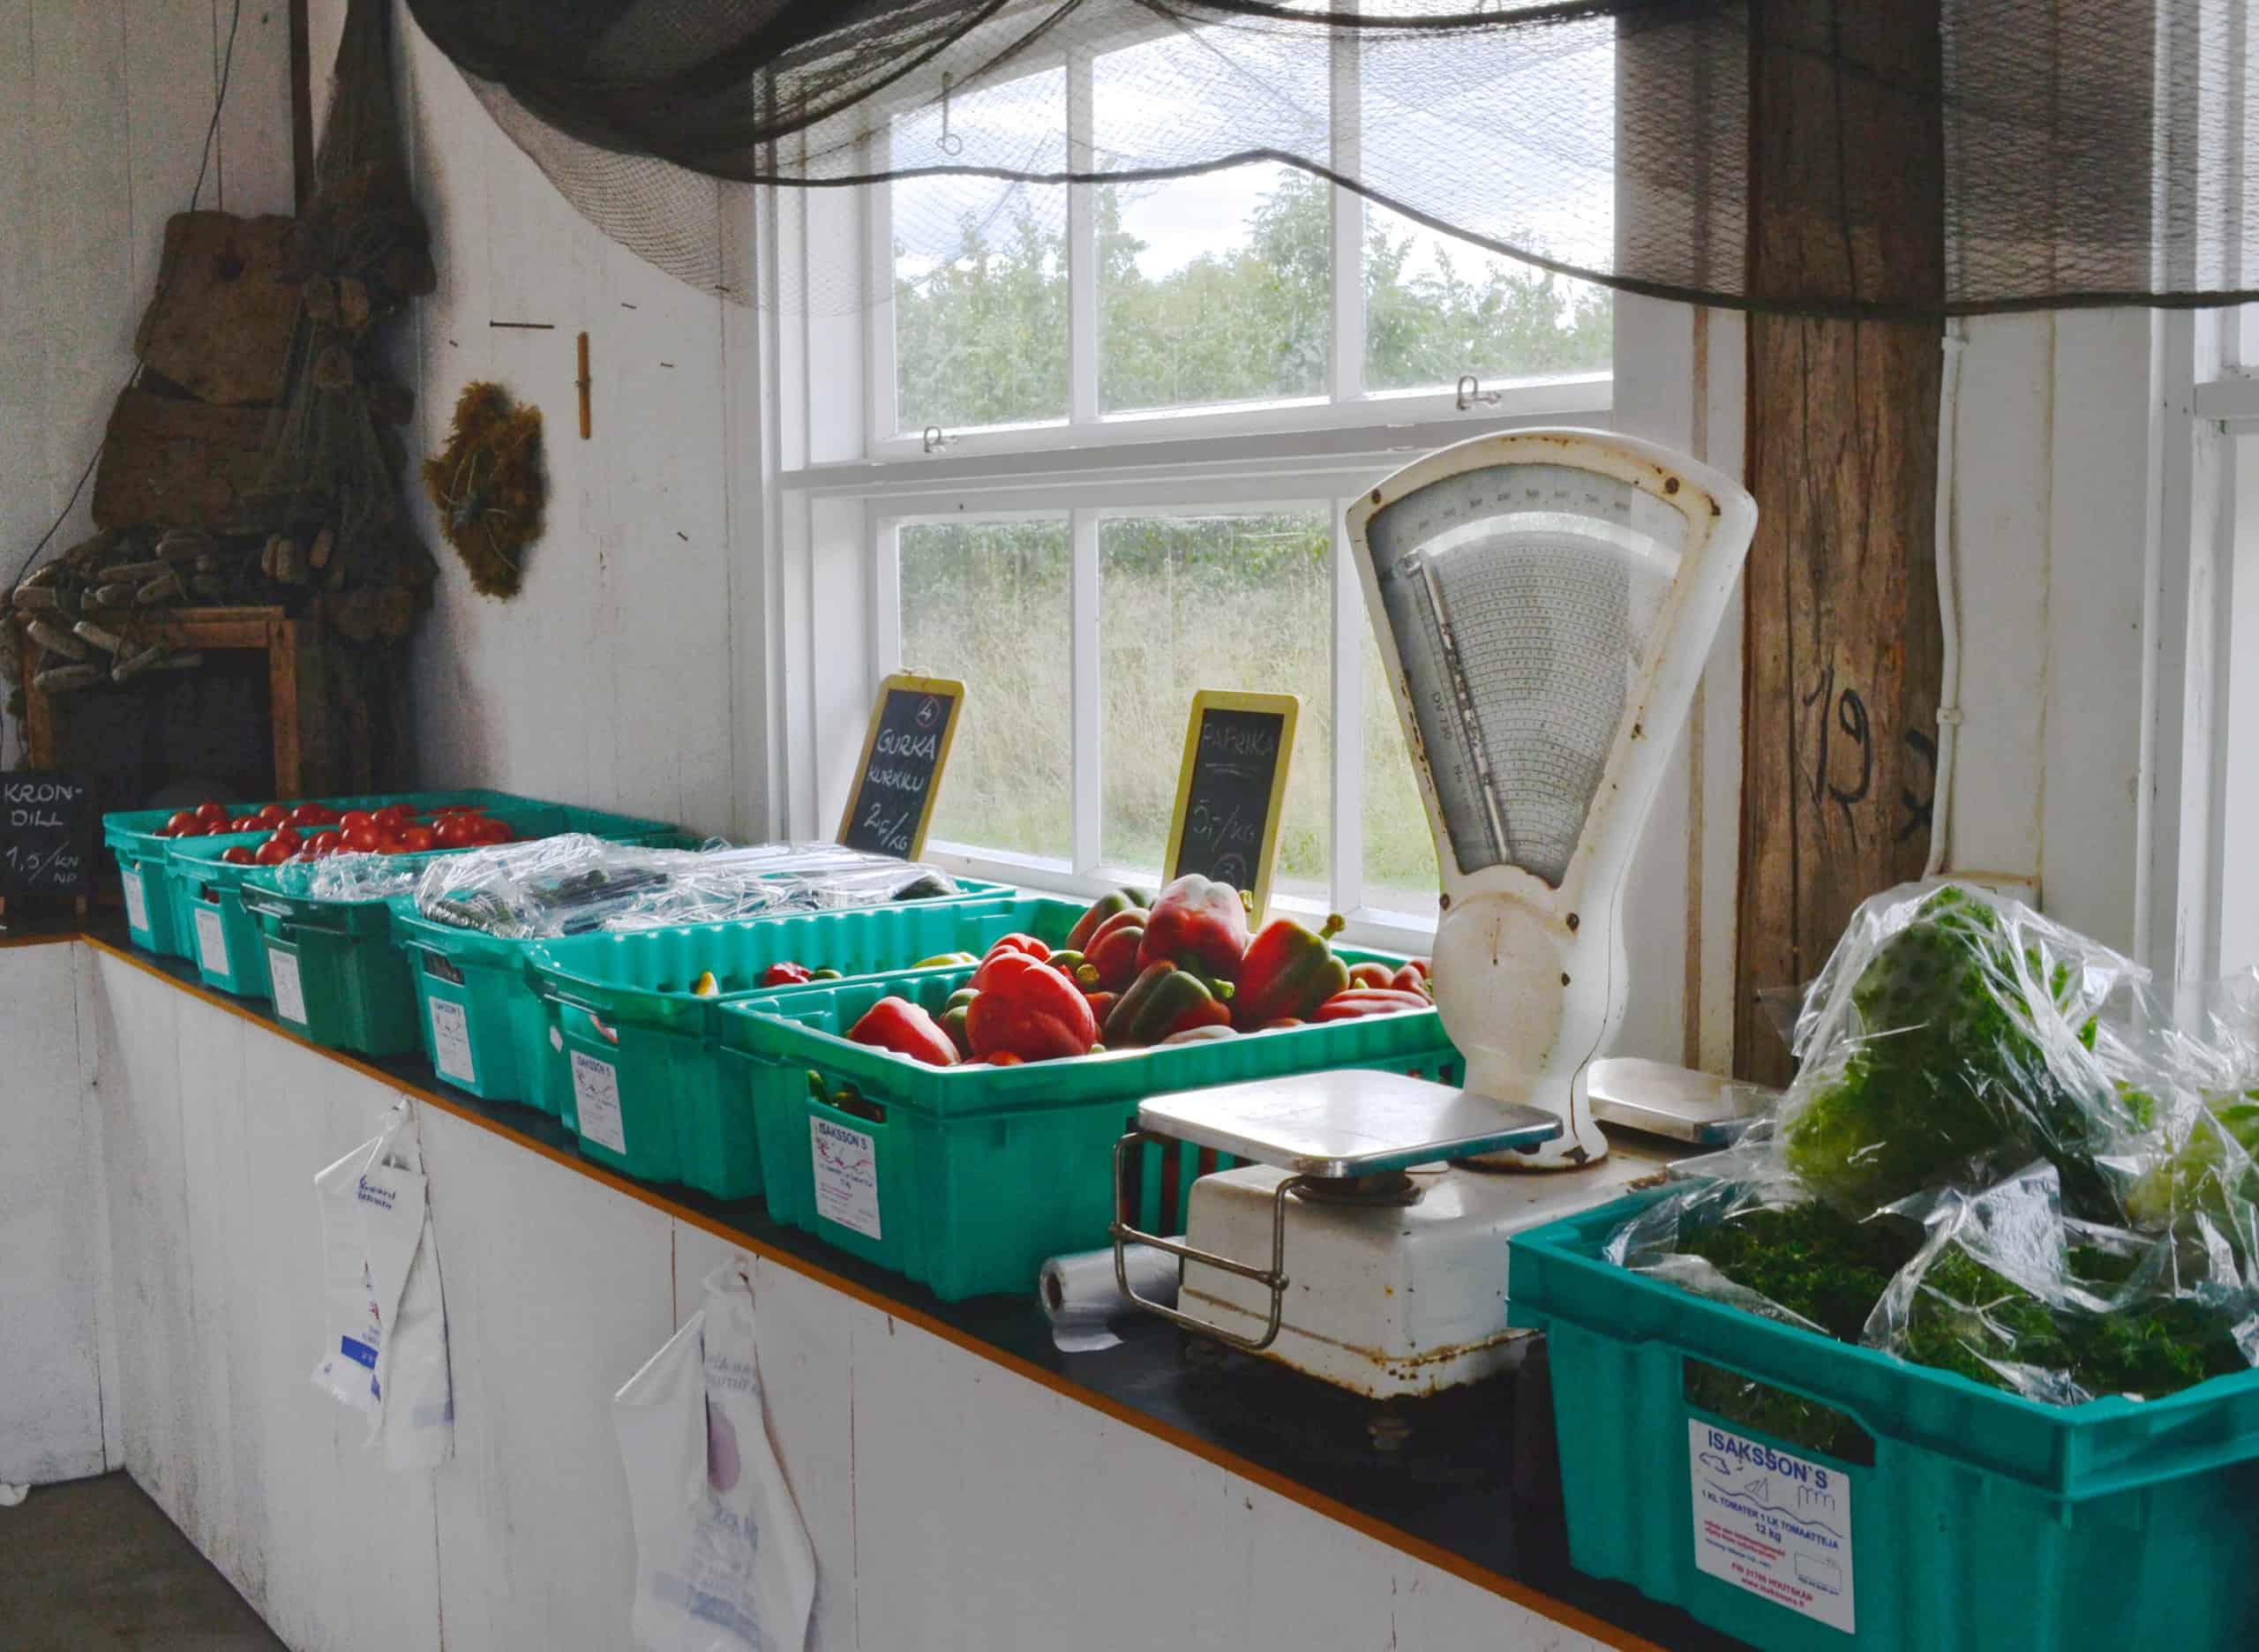 Hedelmä- ja vihanneslaatikoita sekä vaaka vanhassa rakennuksessa.